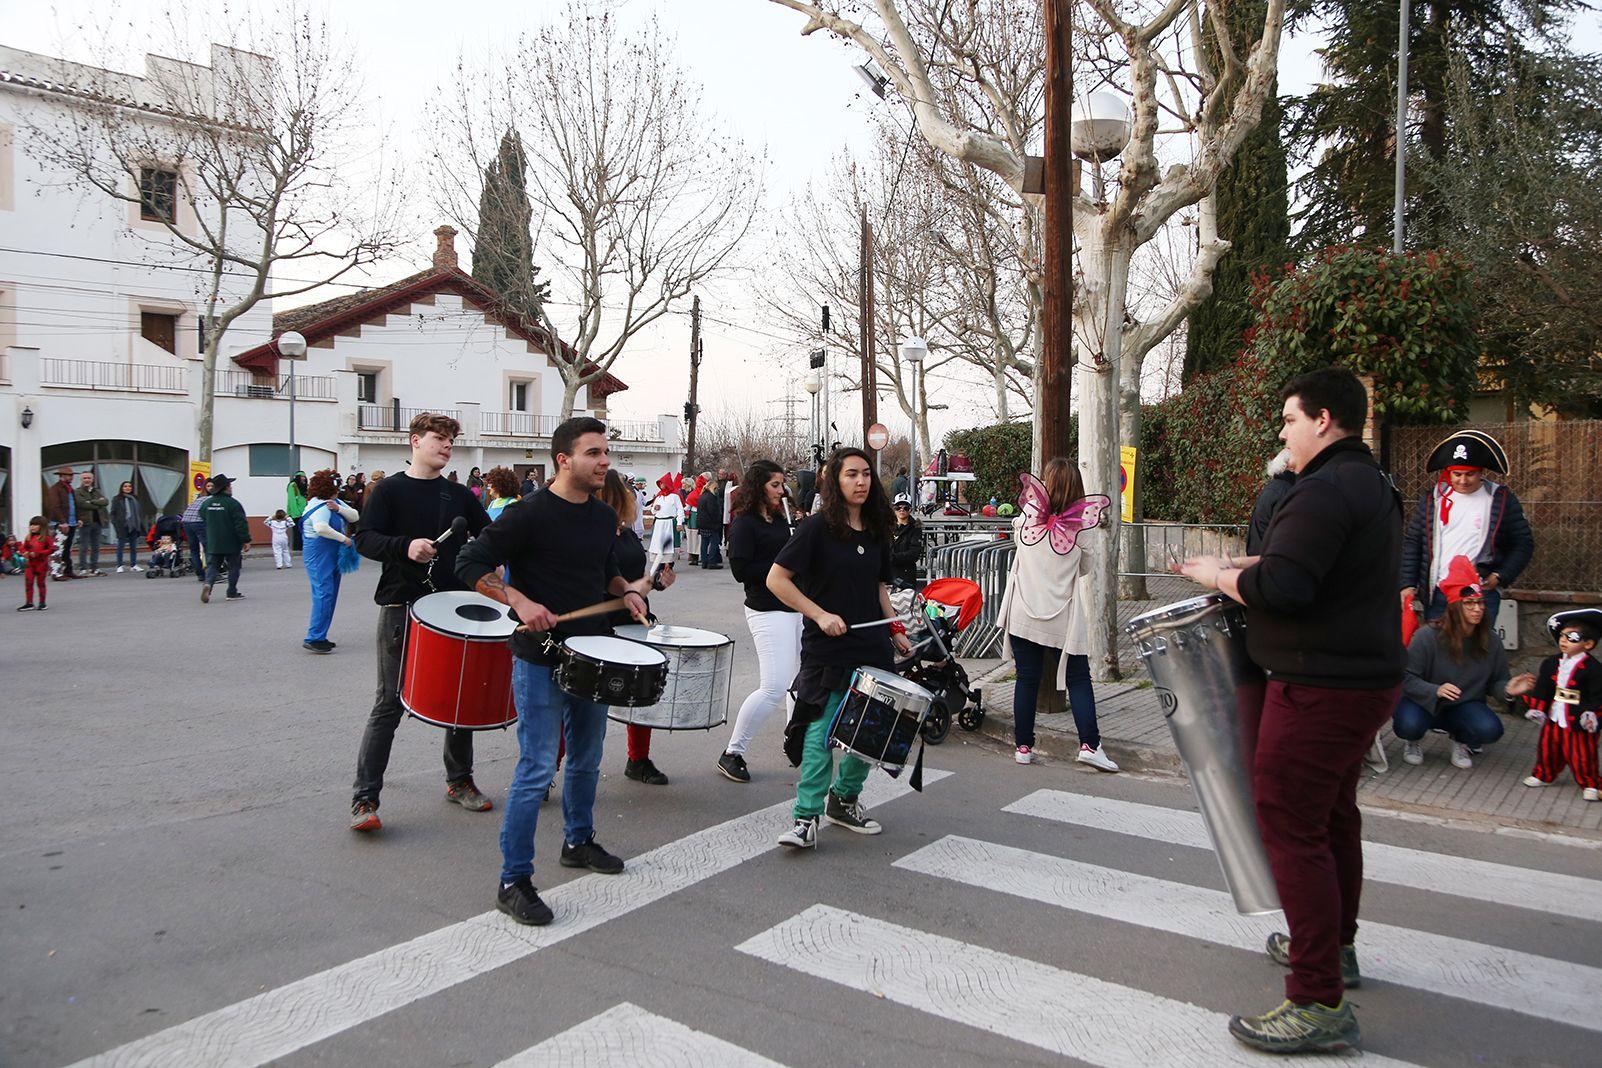 Rua de Carnaval a Mas Gener. FOTO: Anna Bassa